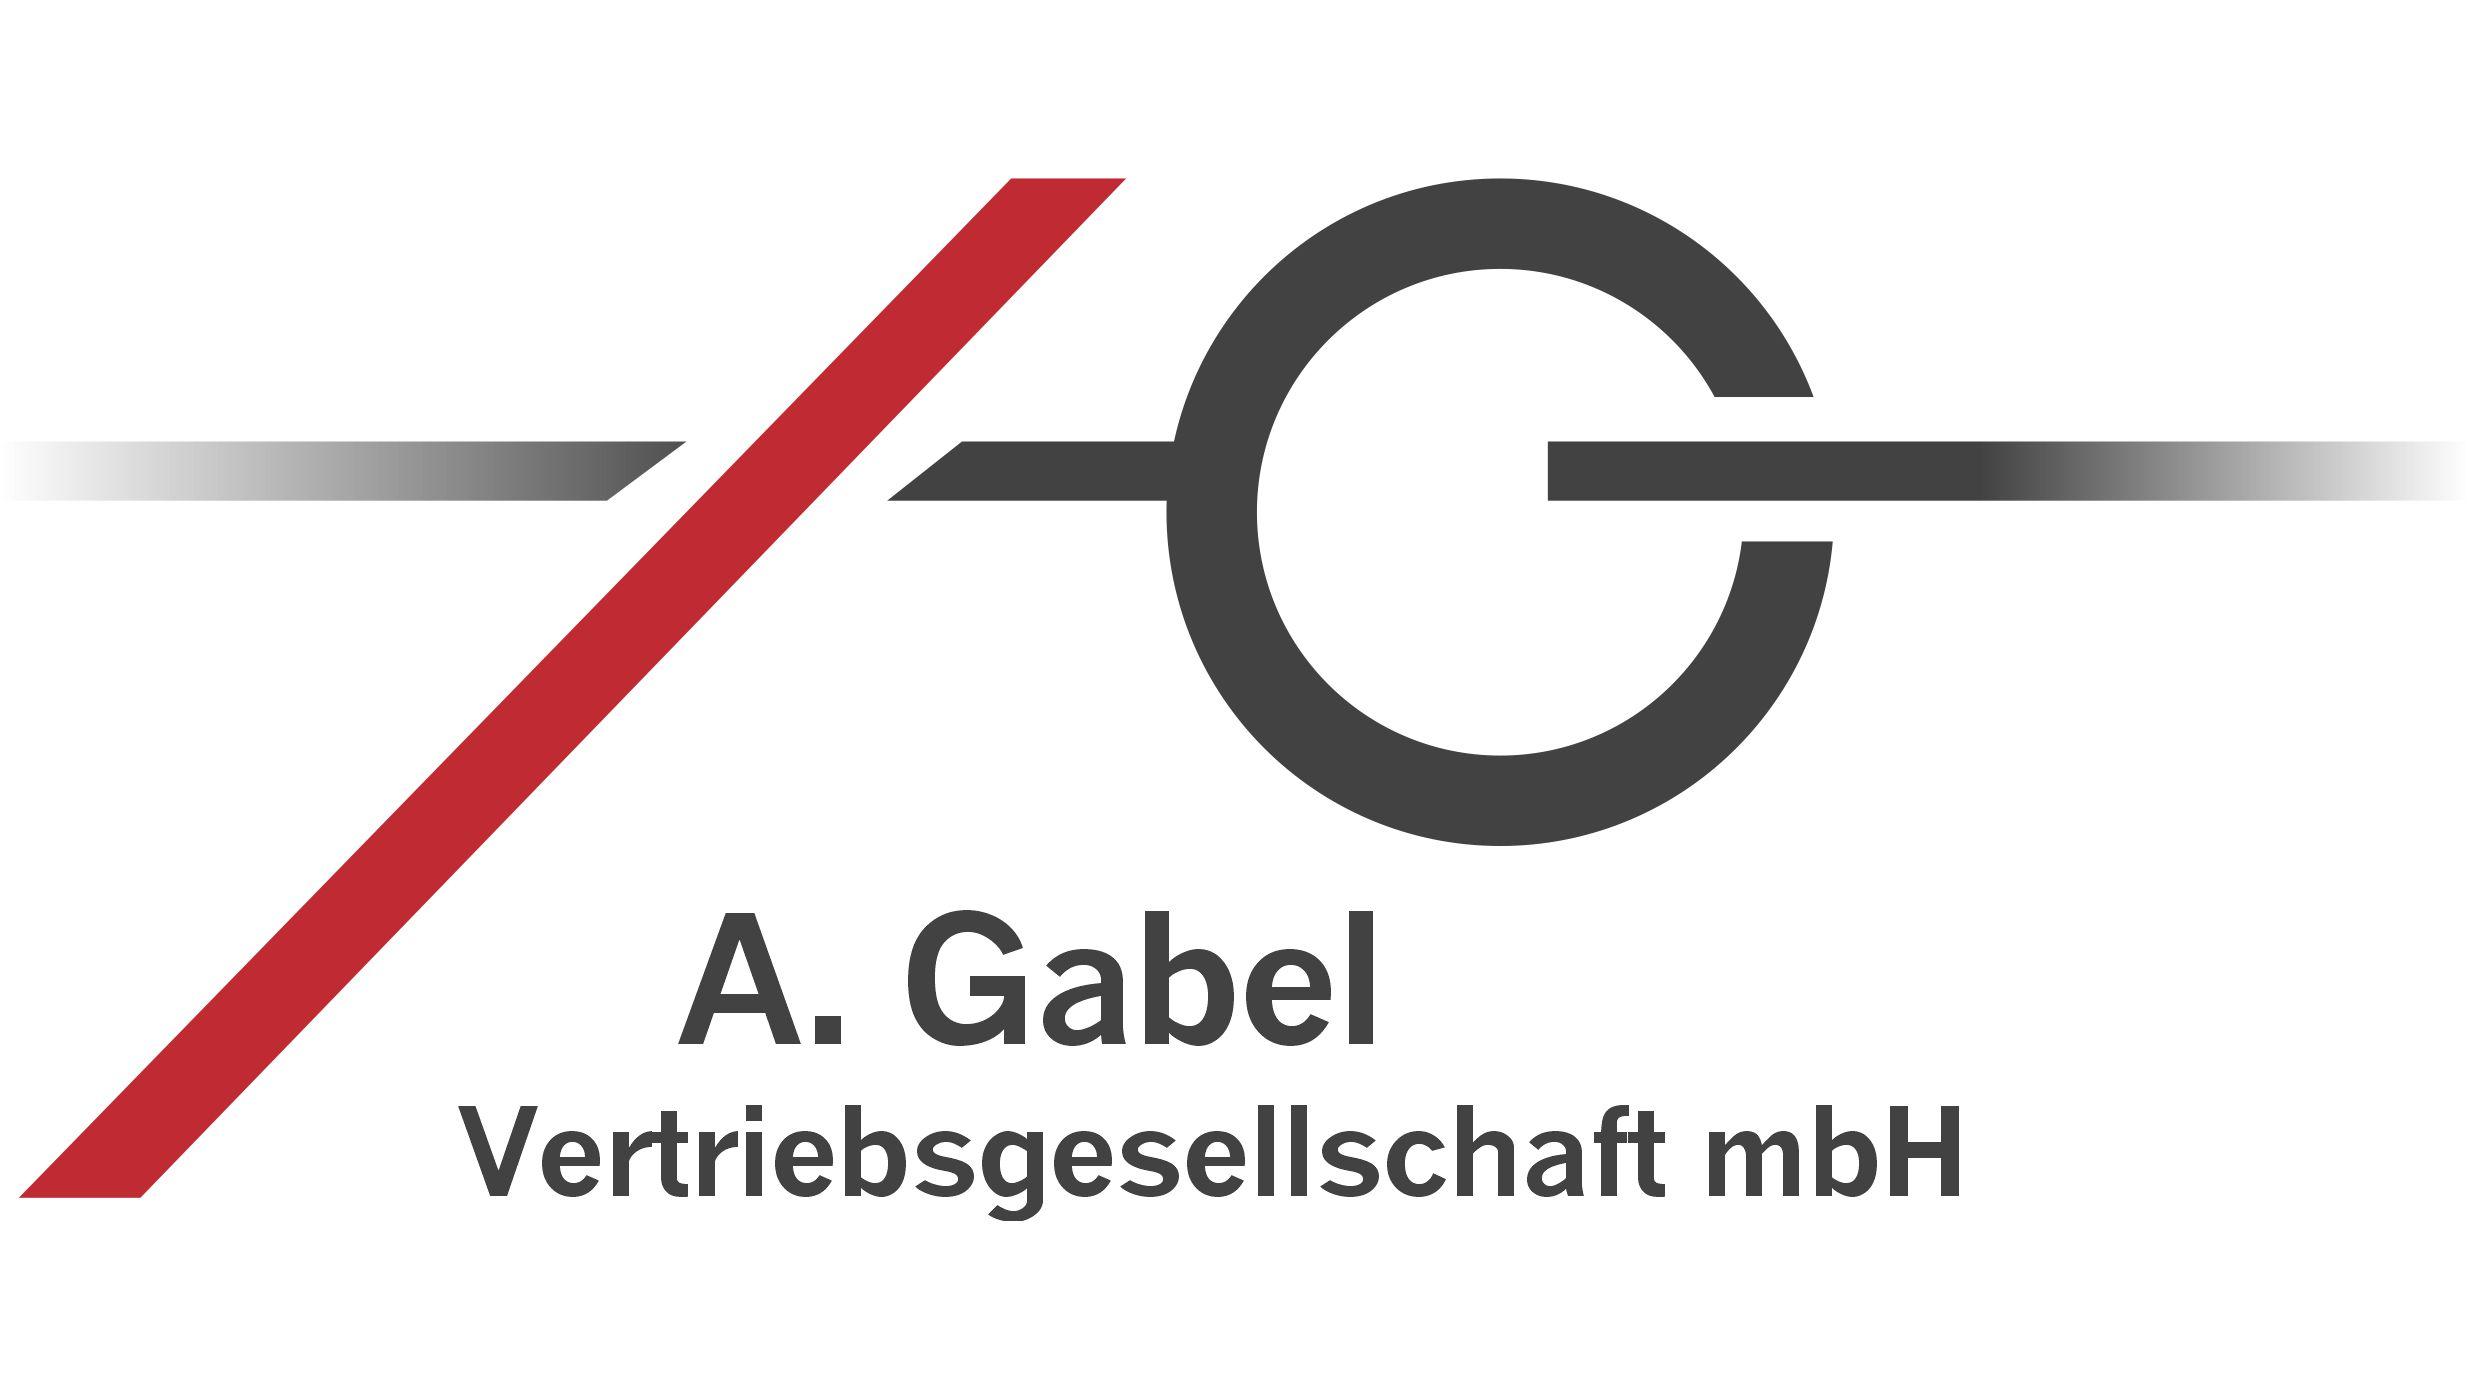 A. Gabel Logo